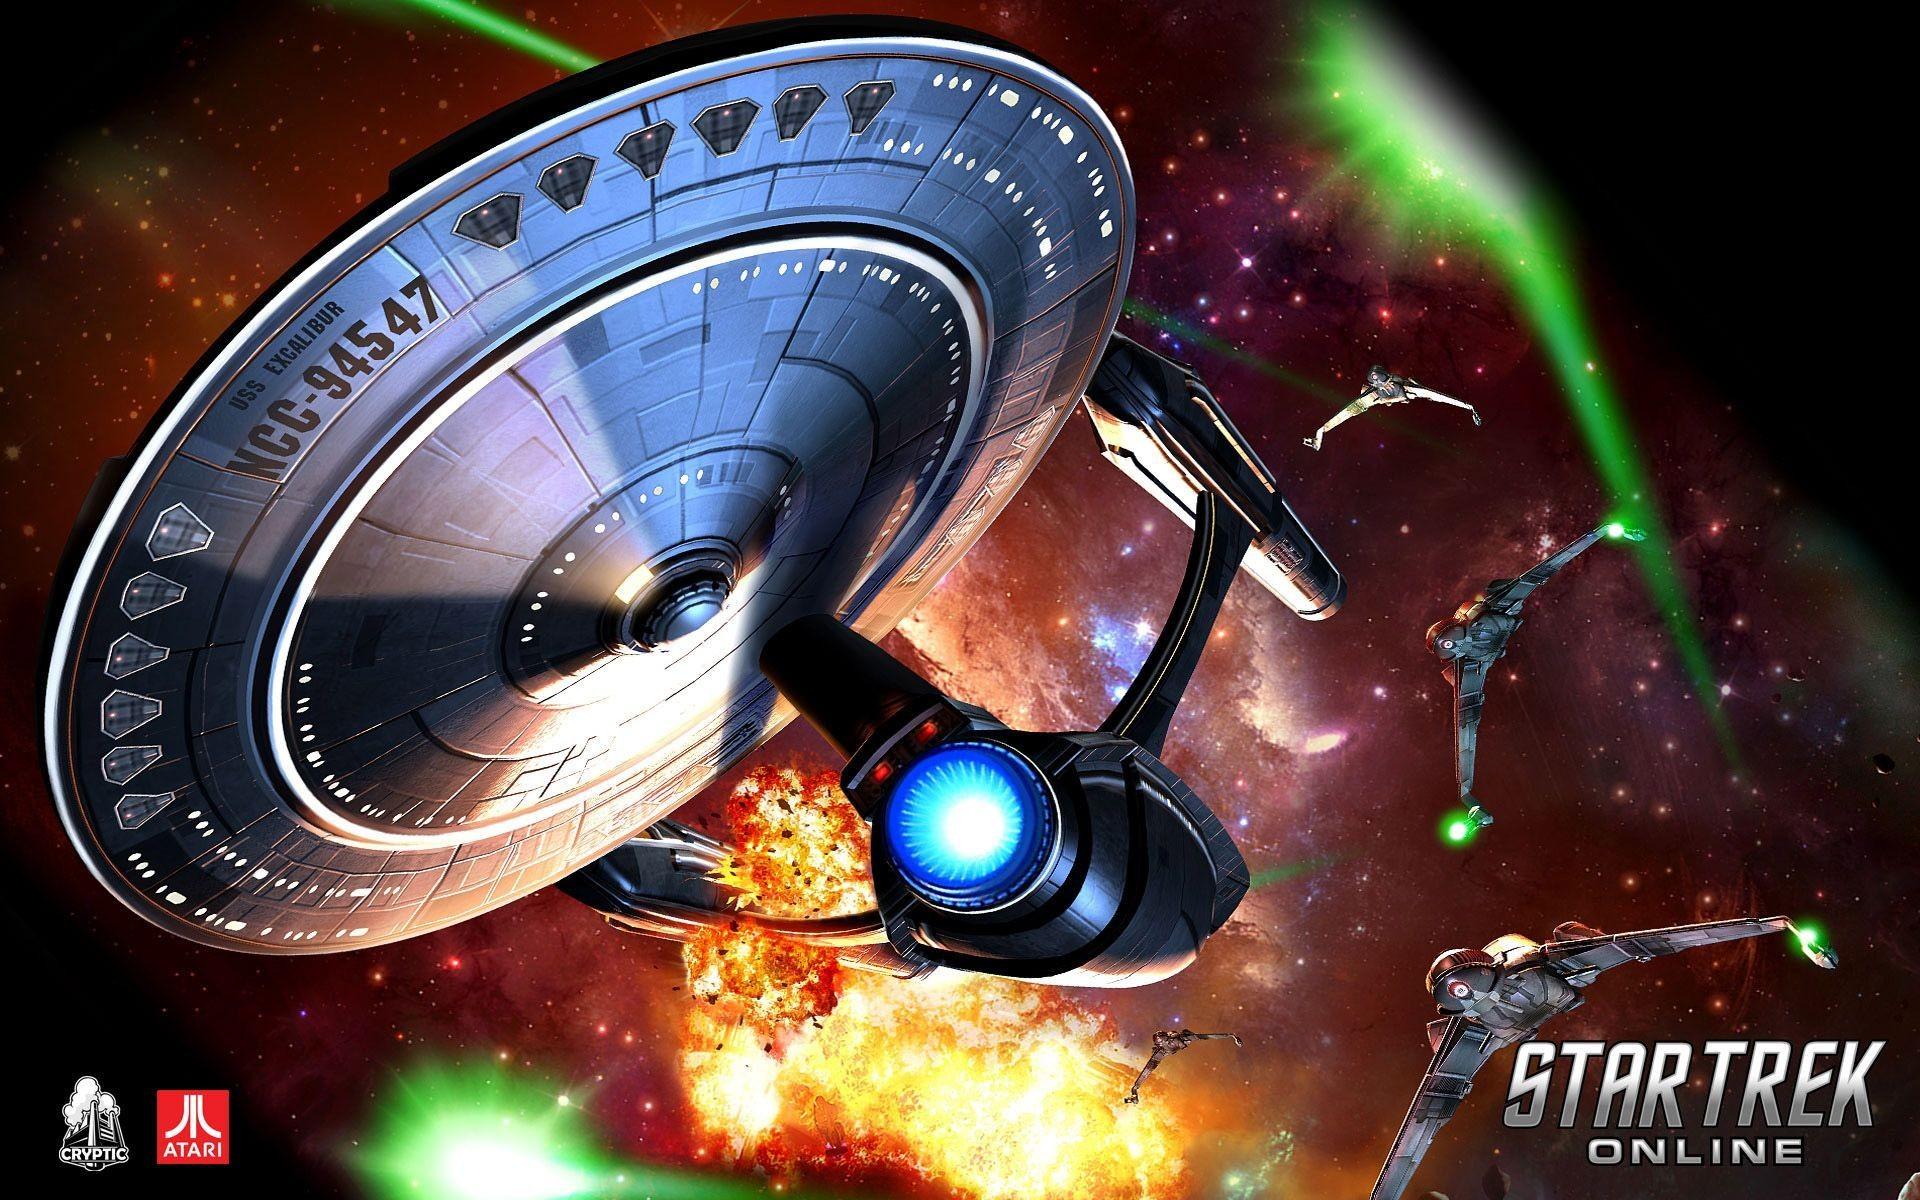 Star Trek Online Exclusive HD Wallpapers #4335